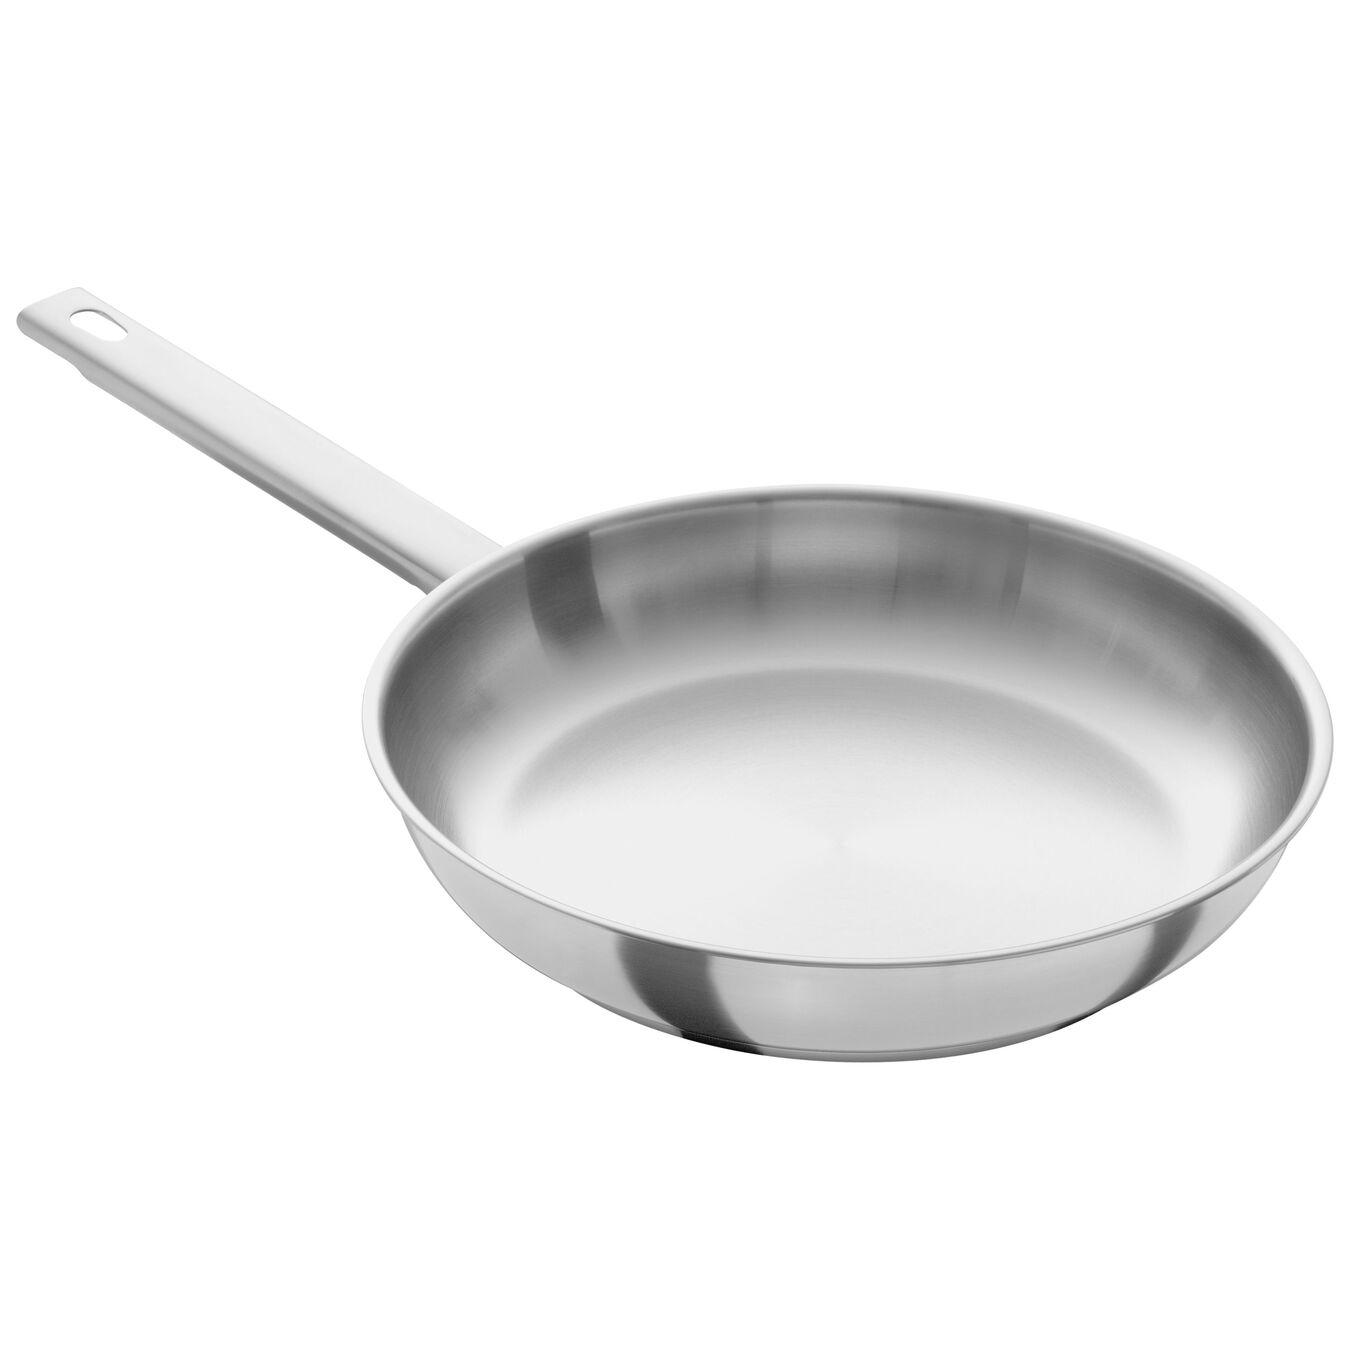 12-pcs 18/10 Stainless Steel Ensemble de casseroles et poêles,,large 3